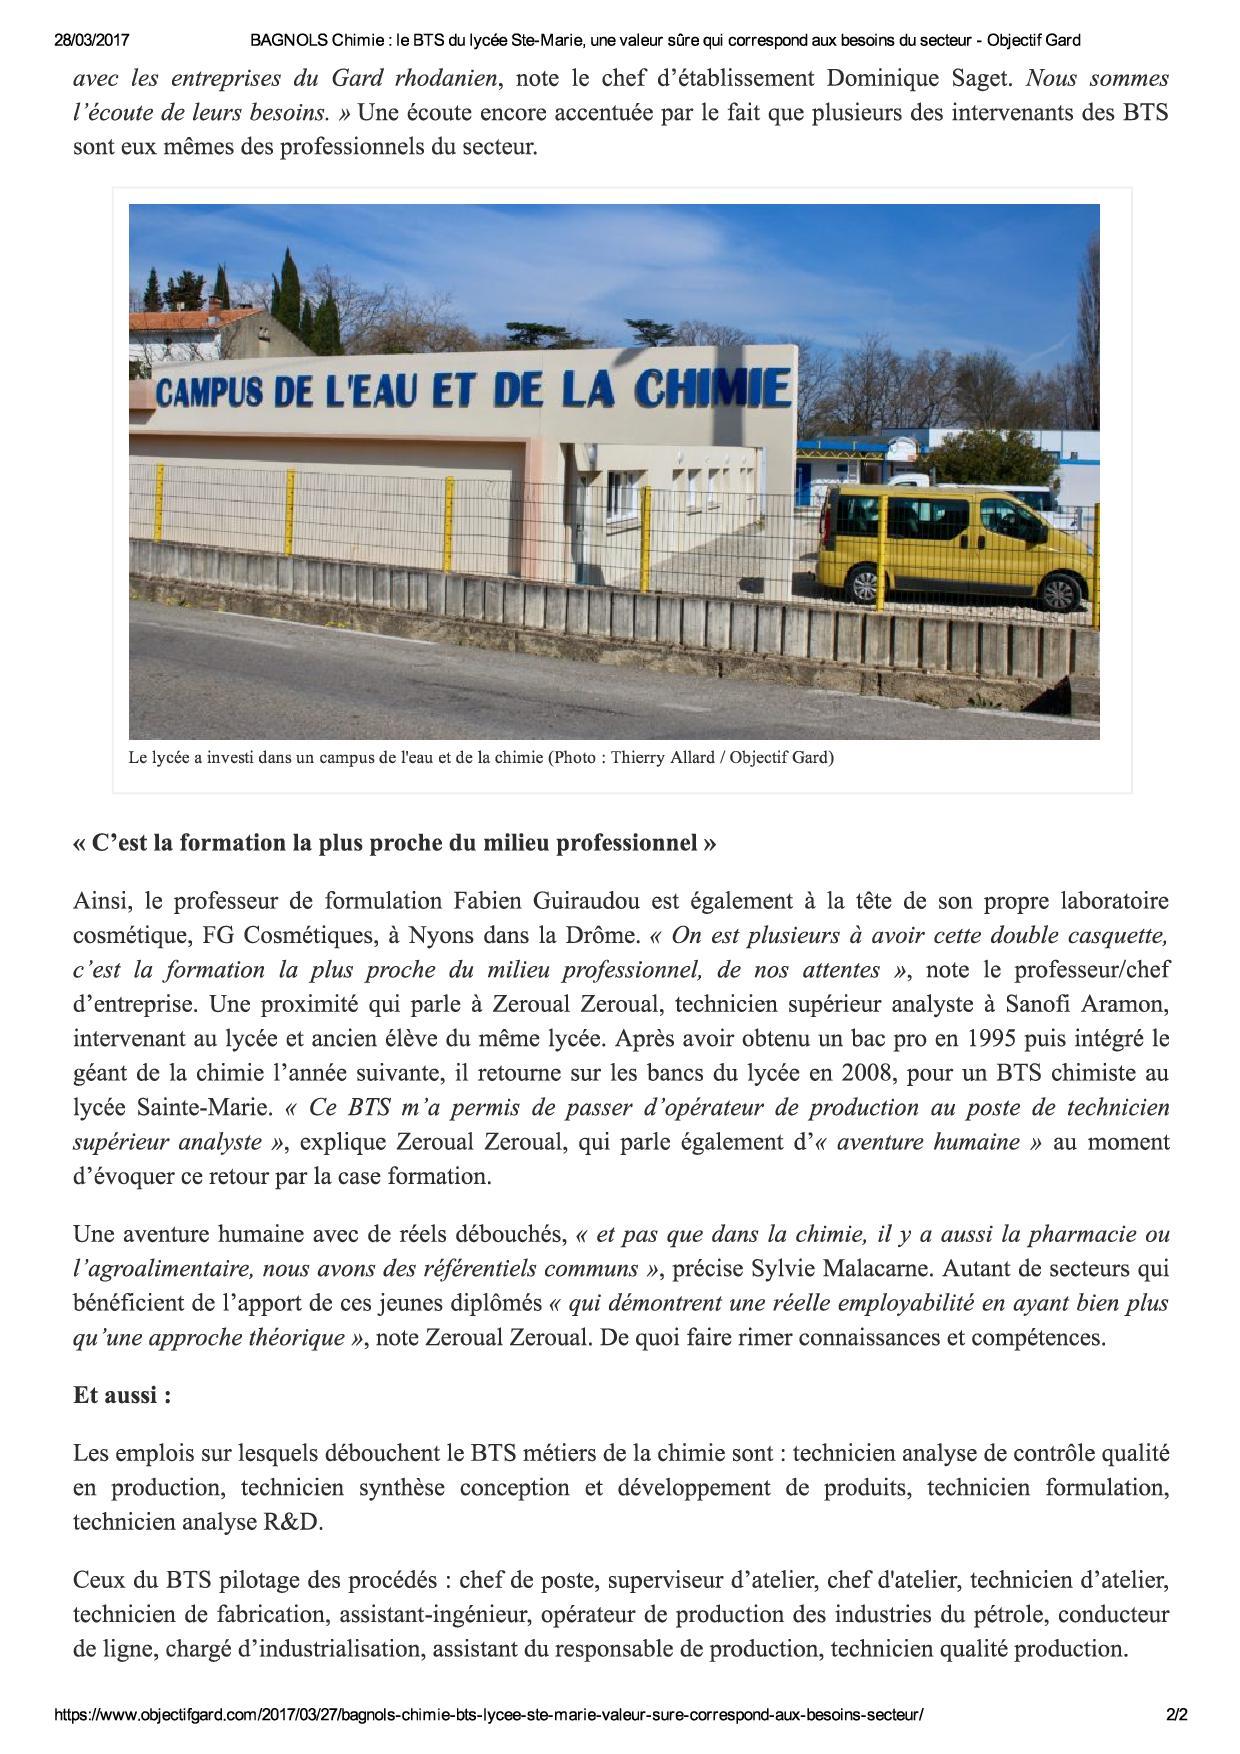 BAGNOLS Chimie _ le BTS du lycée Ste-Ma...aux besoins du secteur - Objectif Gard2